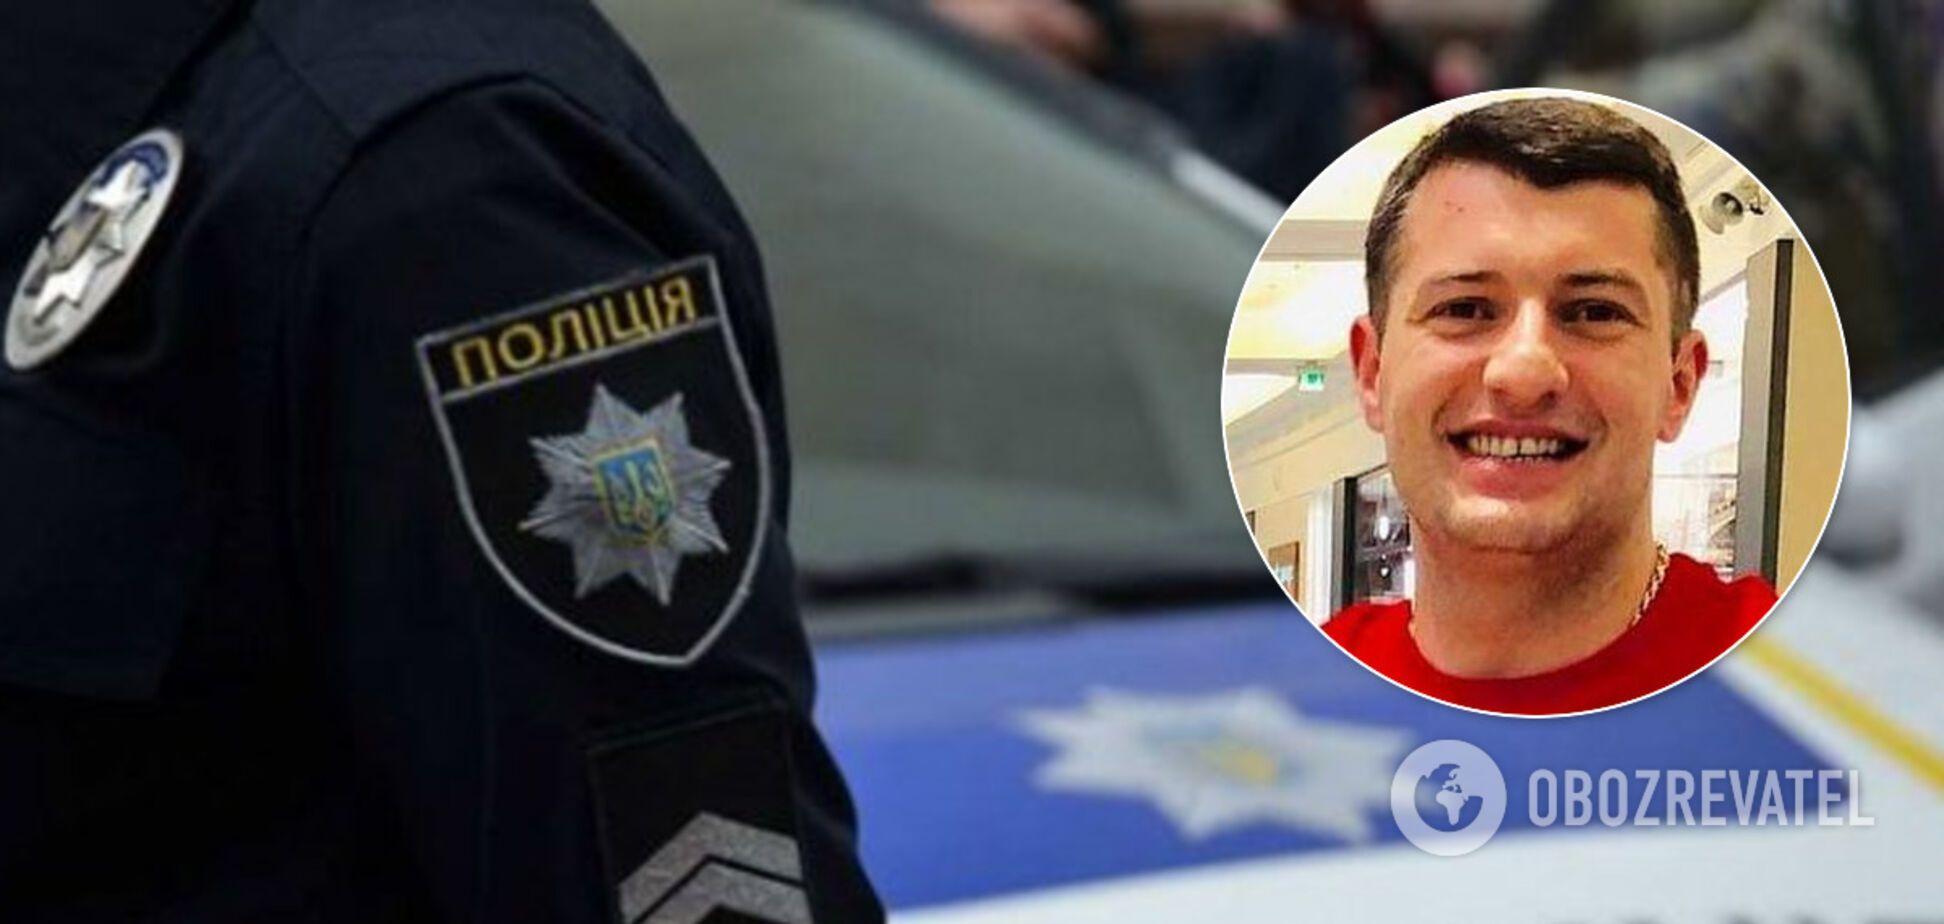 В Днепре разыскивают опасного преступника: фото и приметы